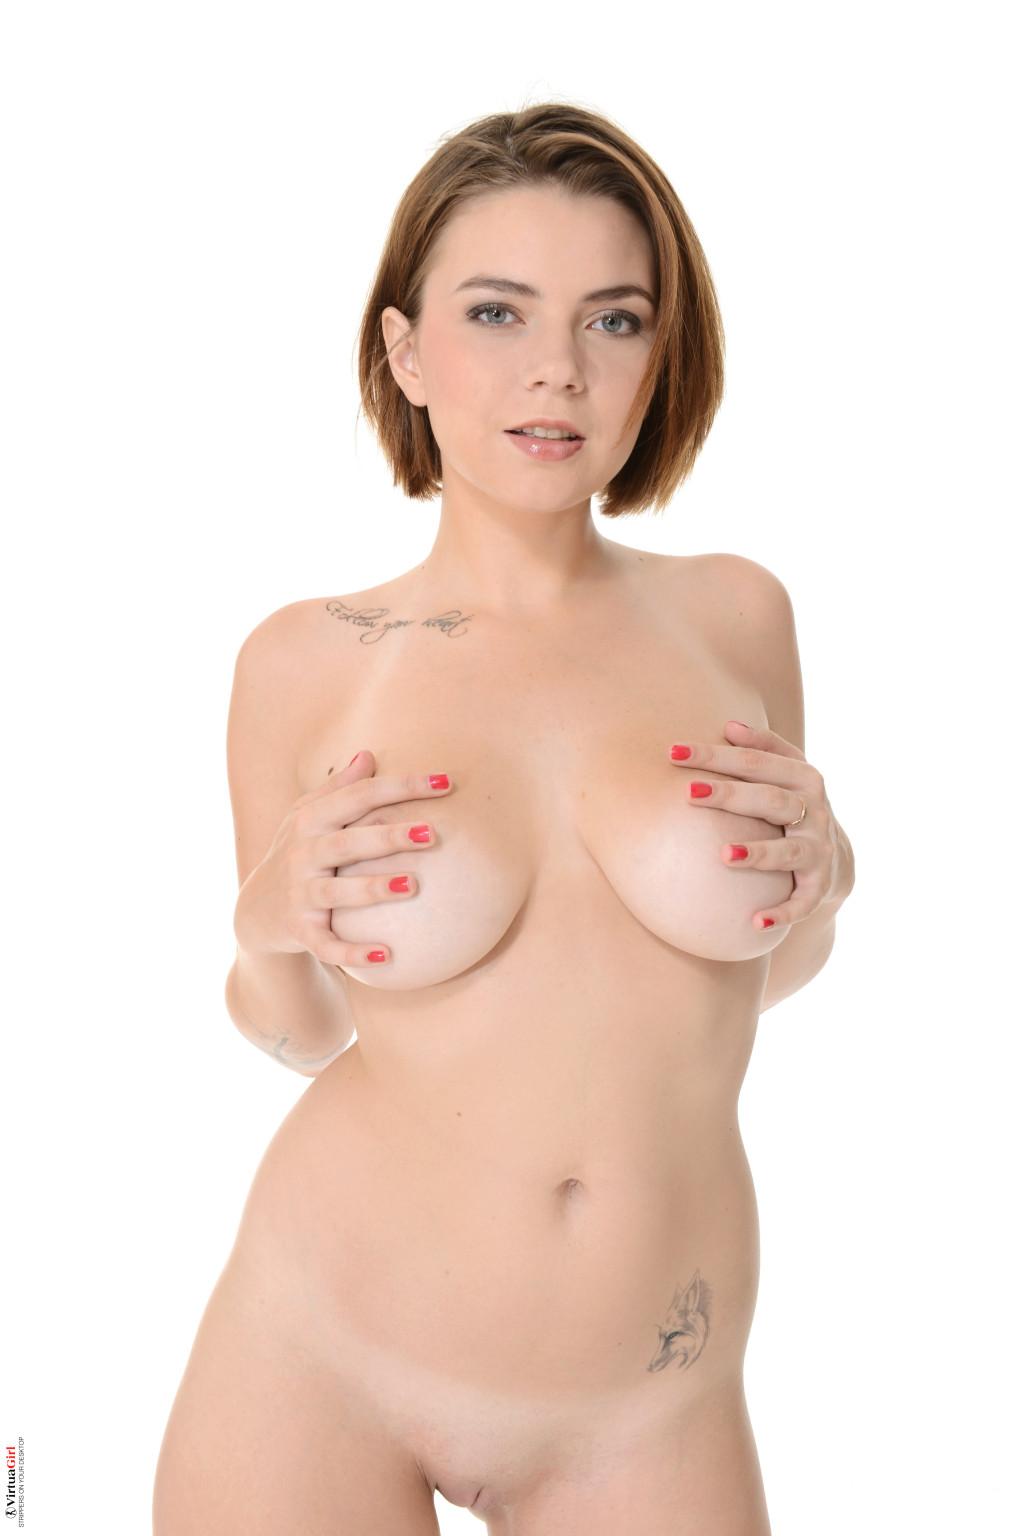 Марина Висконти обладает шикарной фигуркой, особенно поражают обалденные буфера